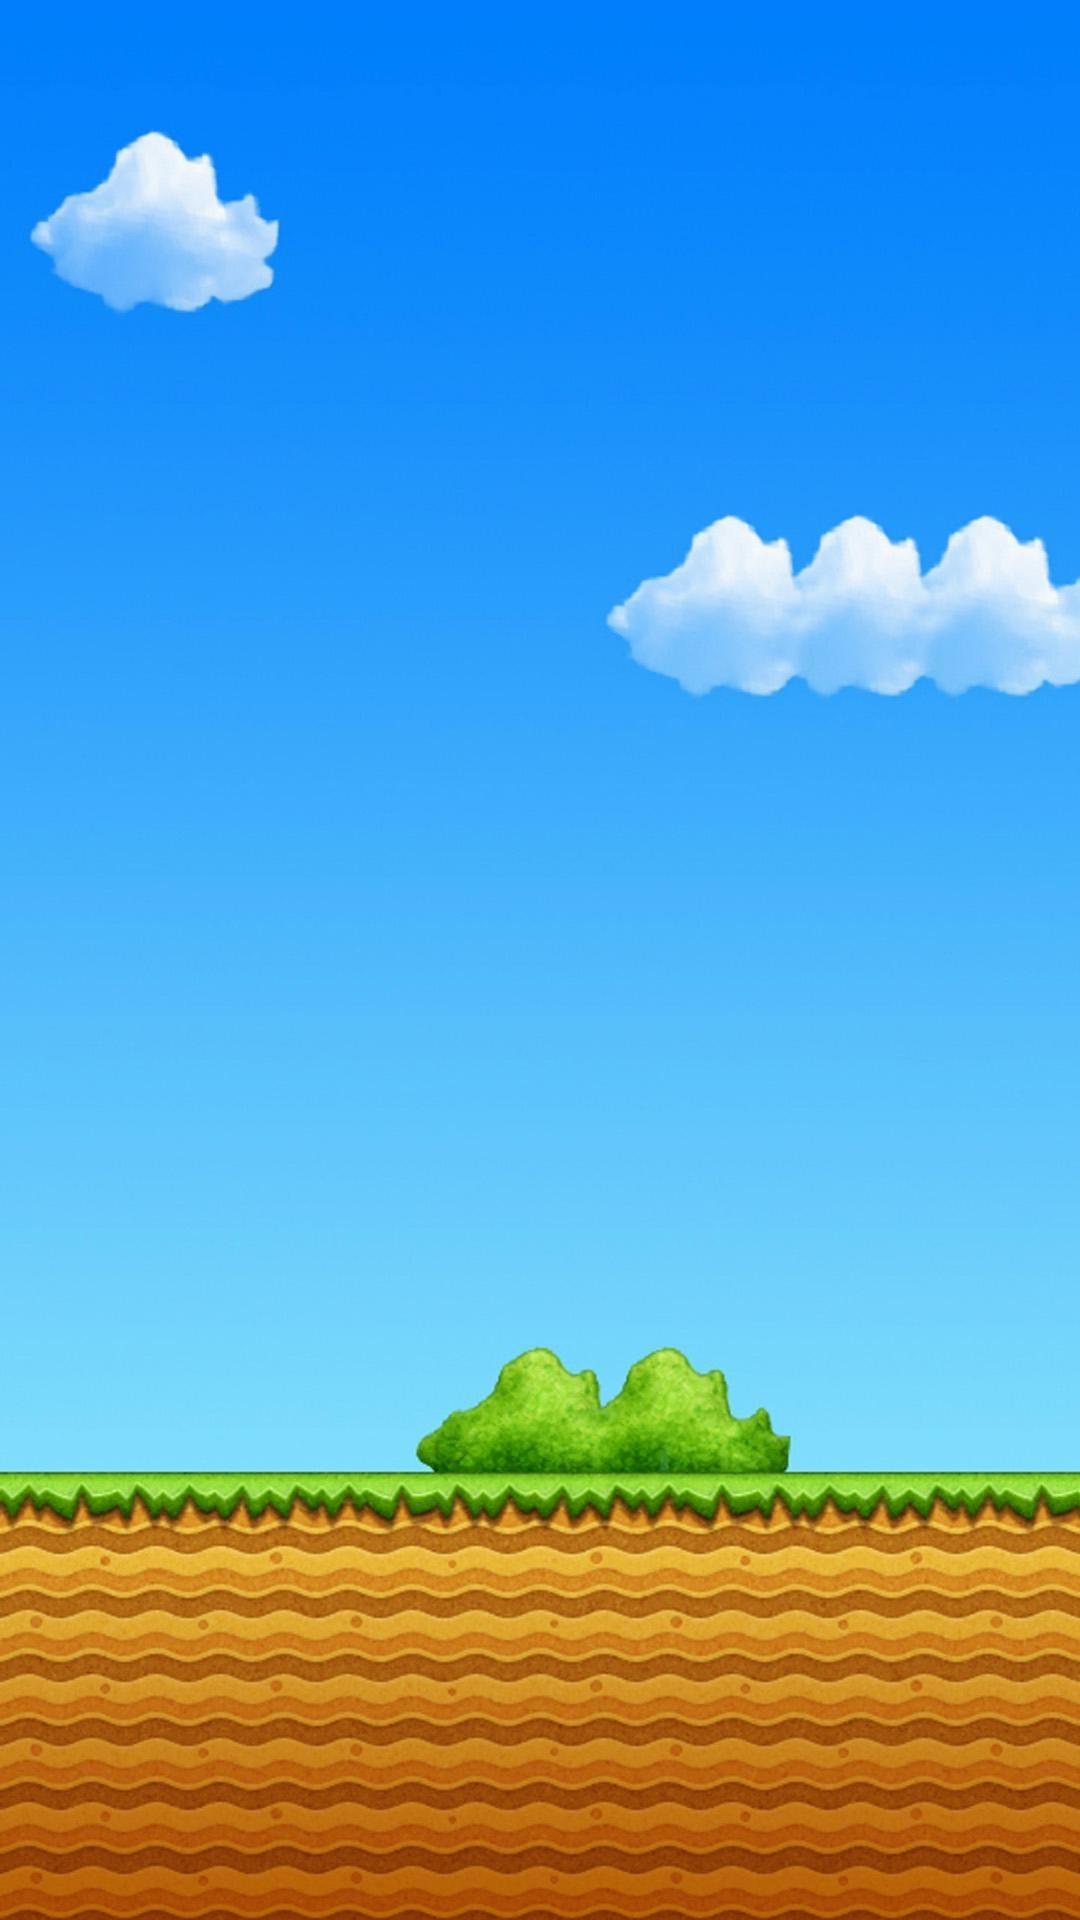 Mario-hd-mobile-phone-wallpaper.